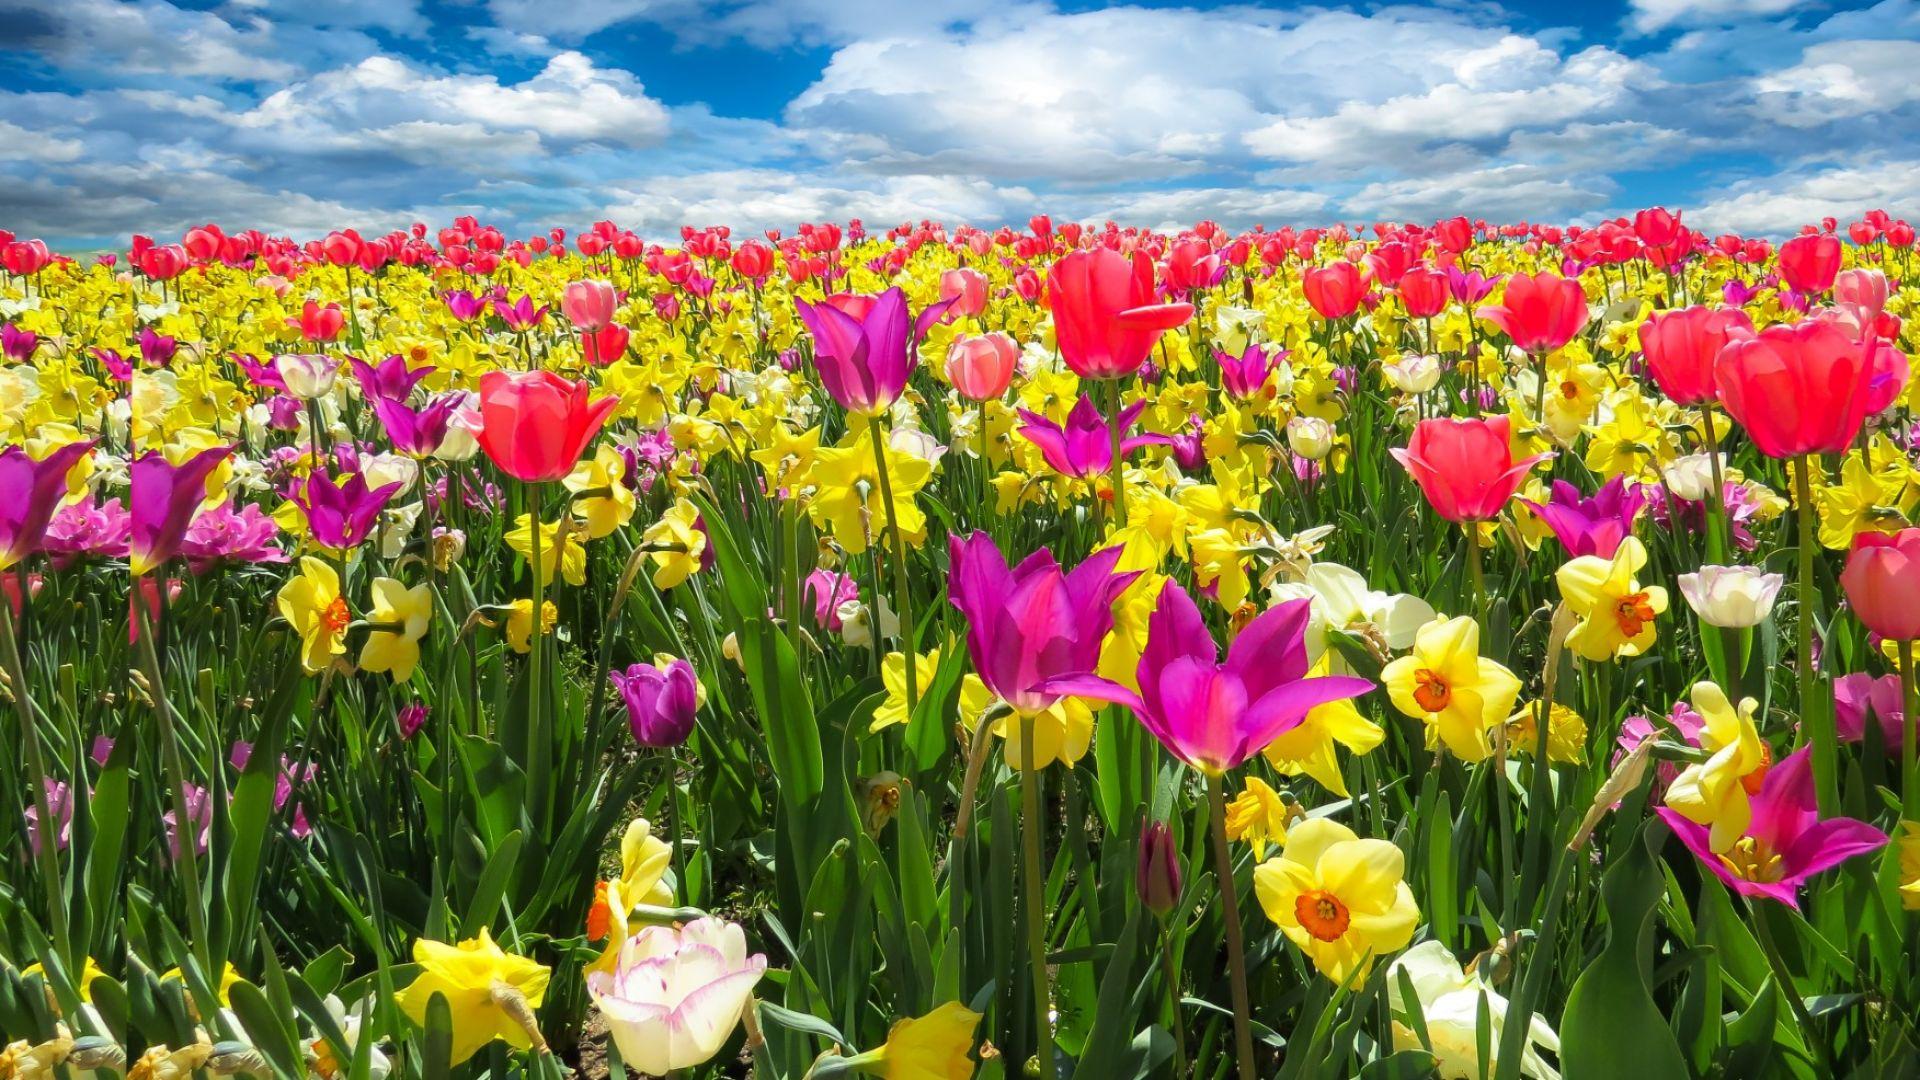 Пролетта продължава: от минус 3 до почти 30 градуса през април